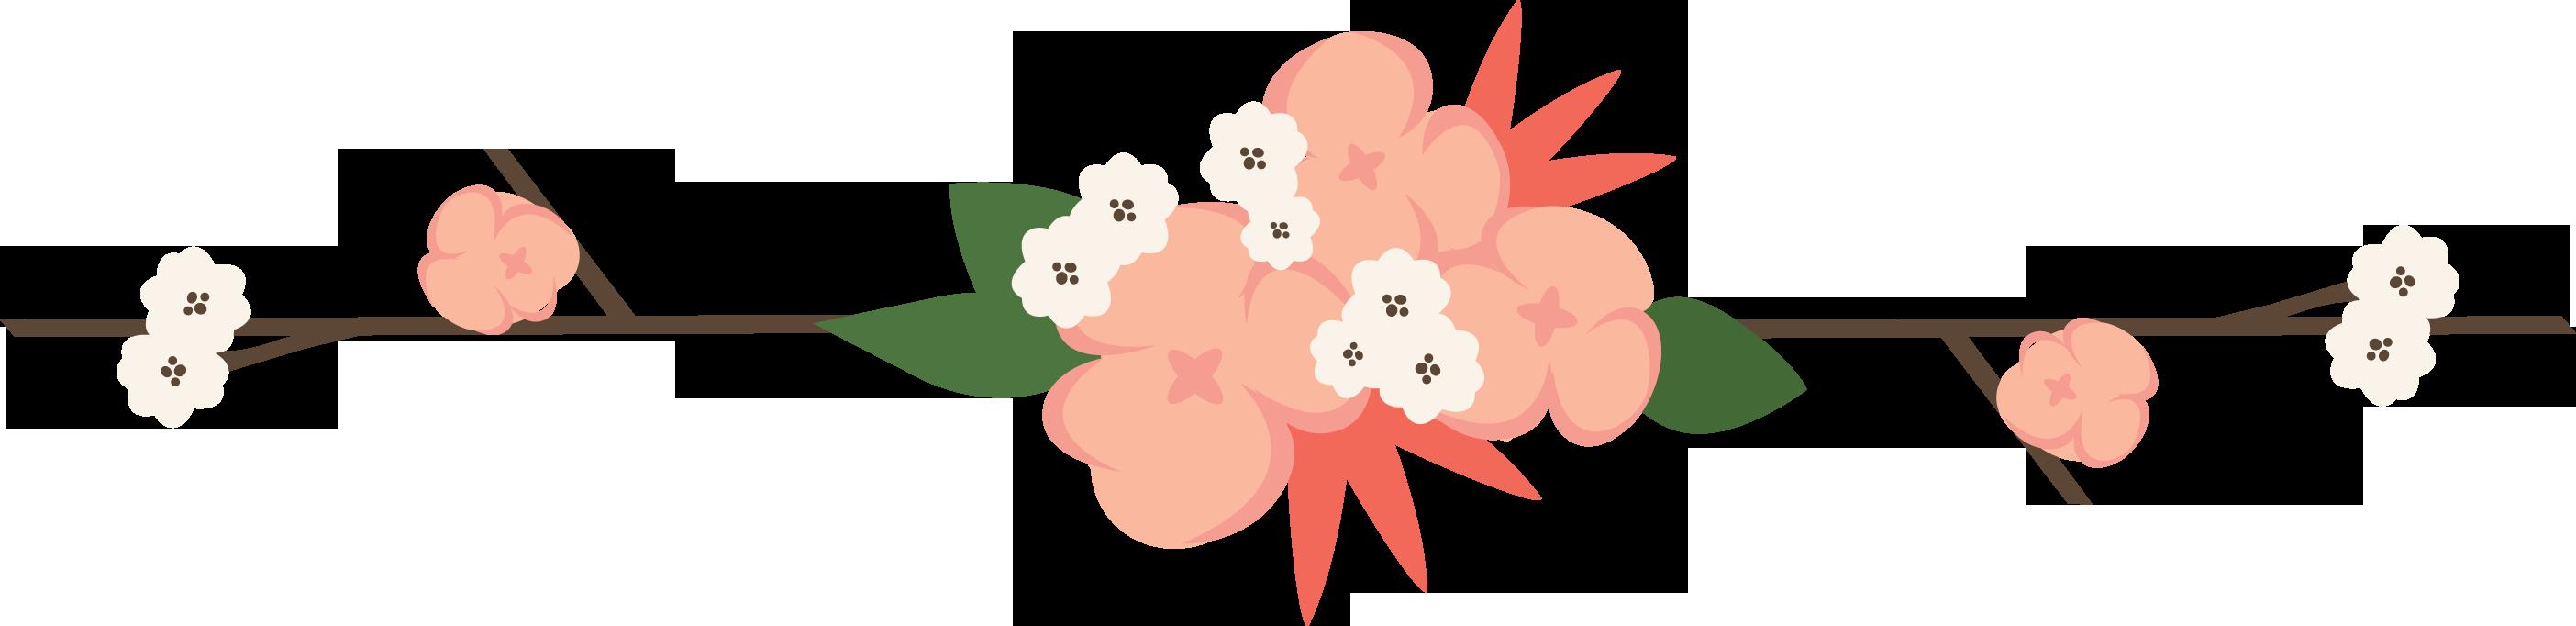 Flower divider clipart image transparent Images of Floral Dividers - #SpaceHero image transparent